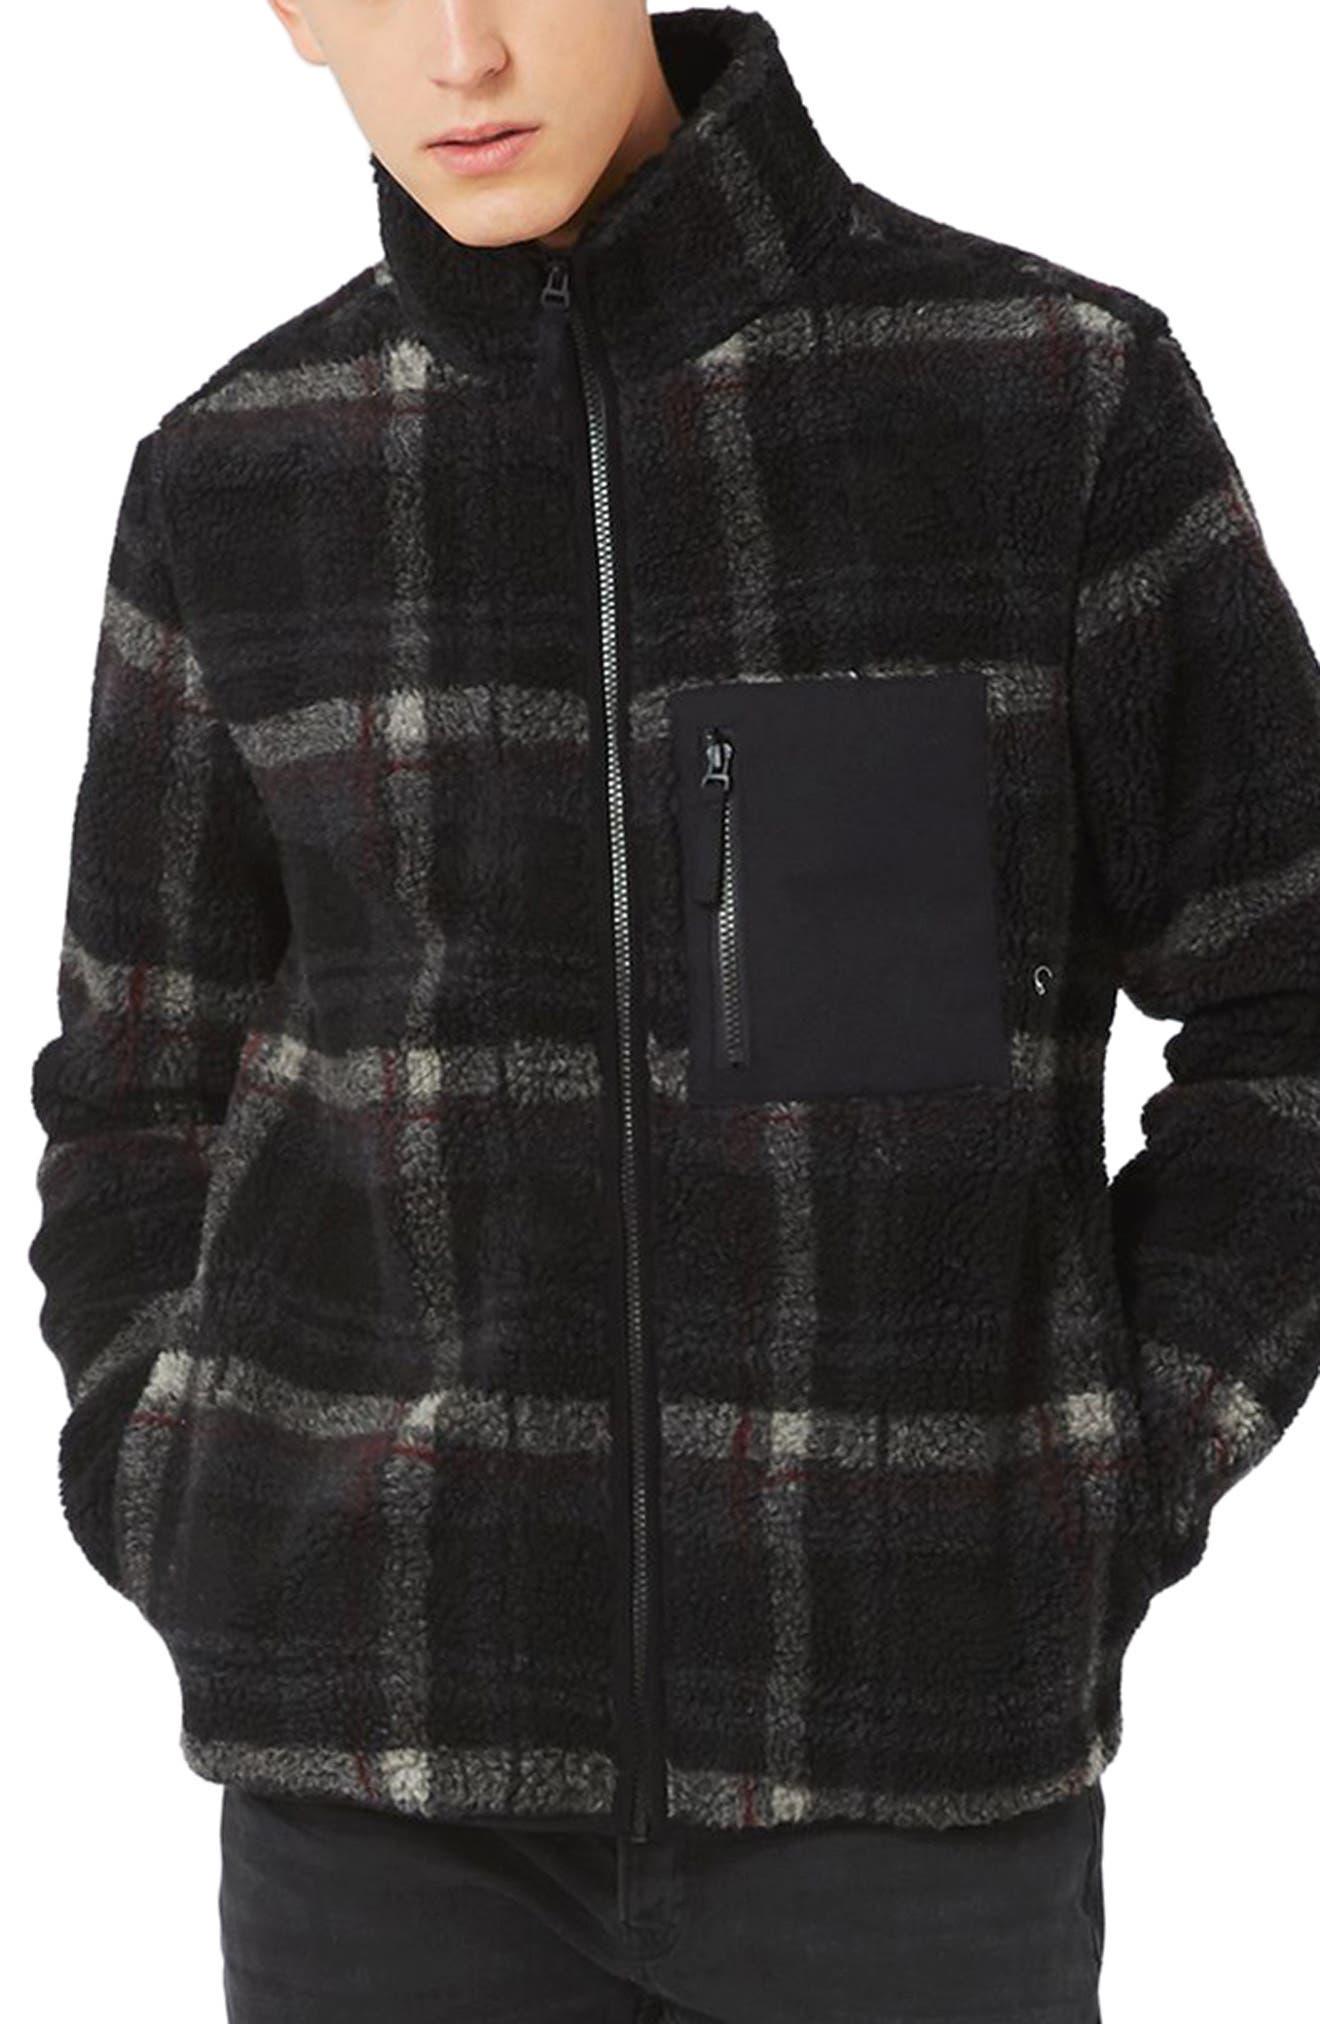 Topman Check Borg Zip Front Jacket